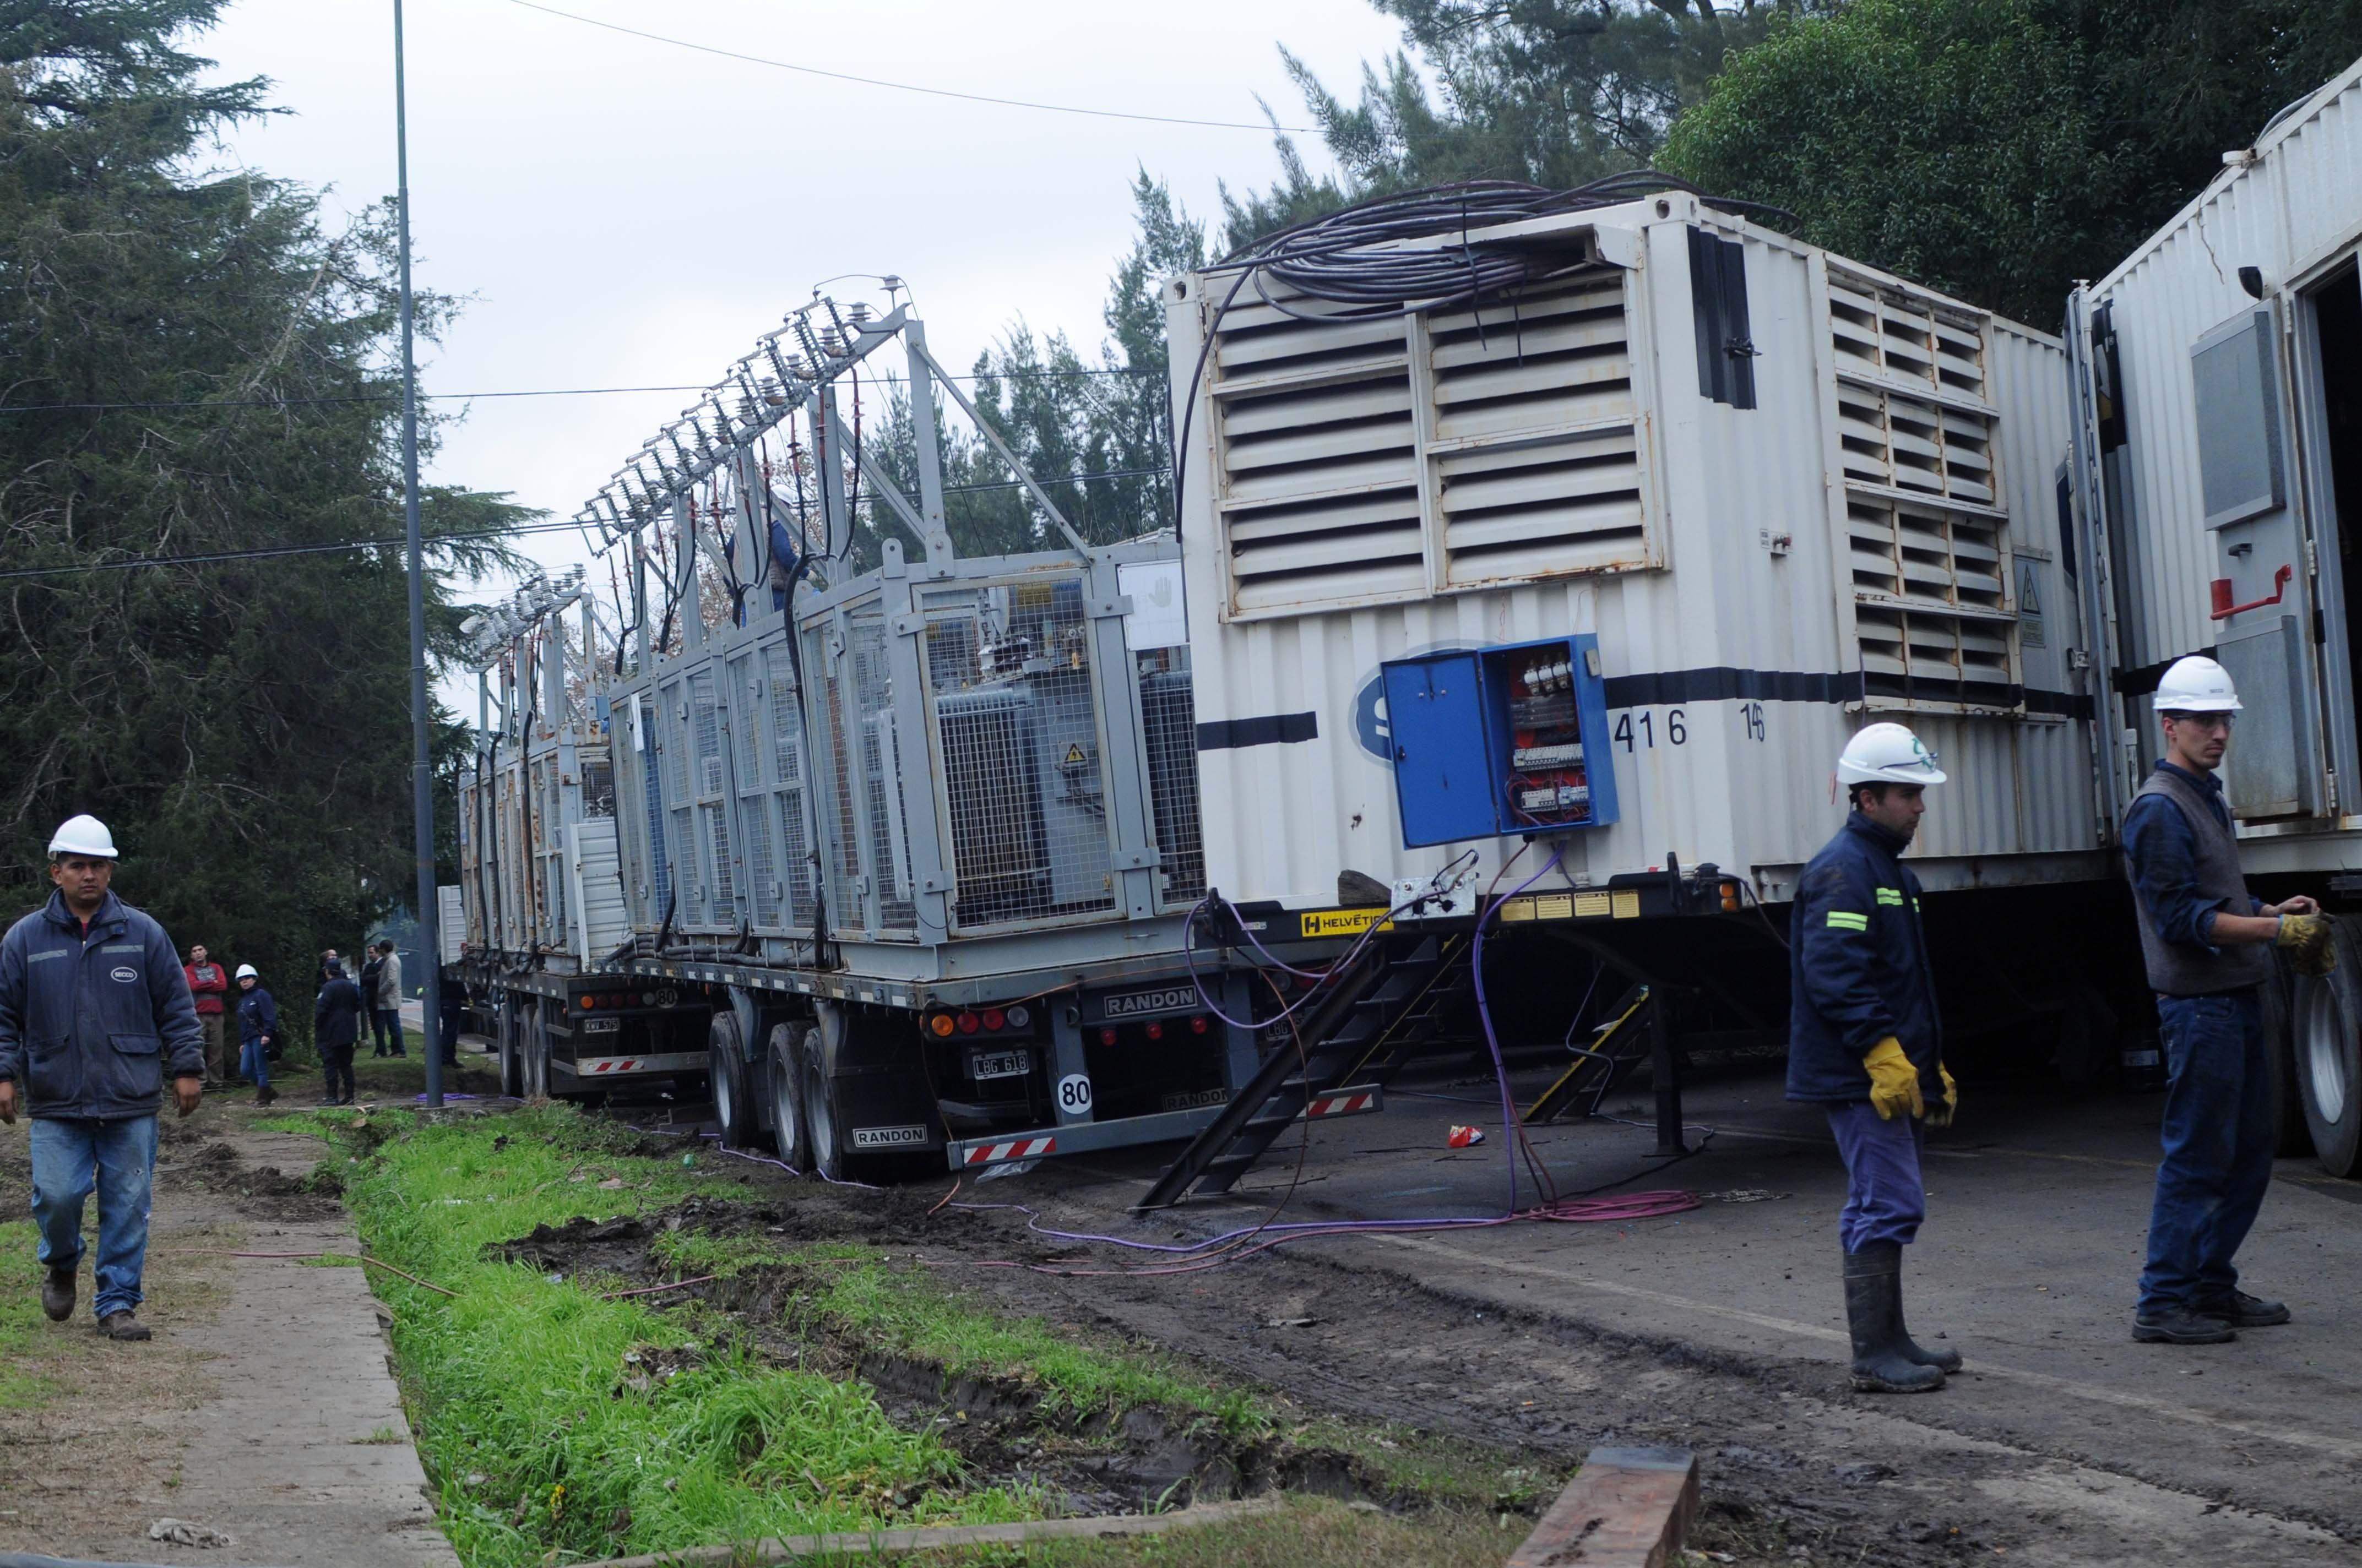 La Provincia le abrió un sumario a Edelap por el apagón en La Plata